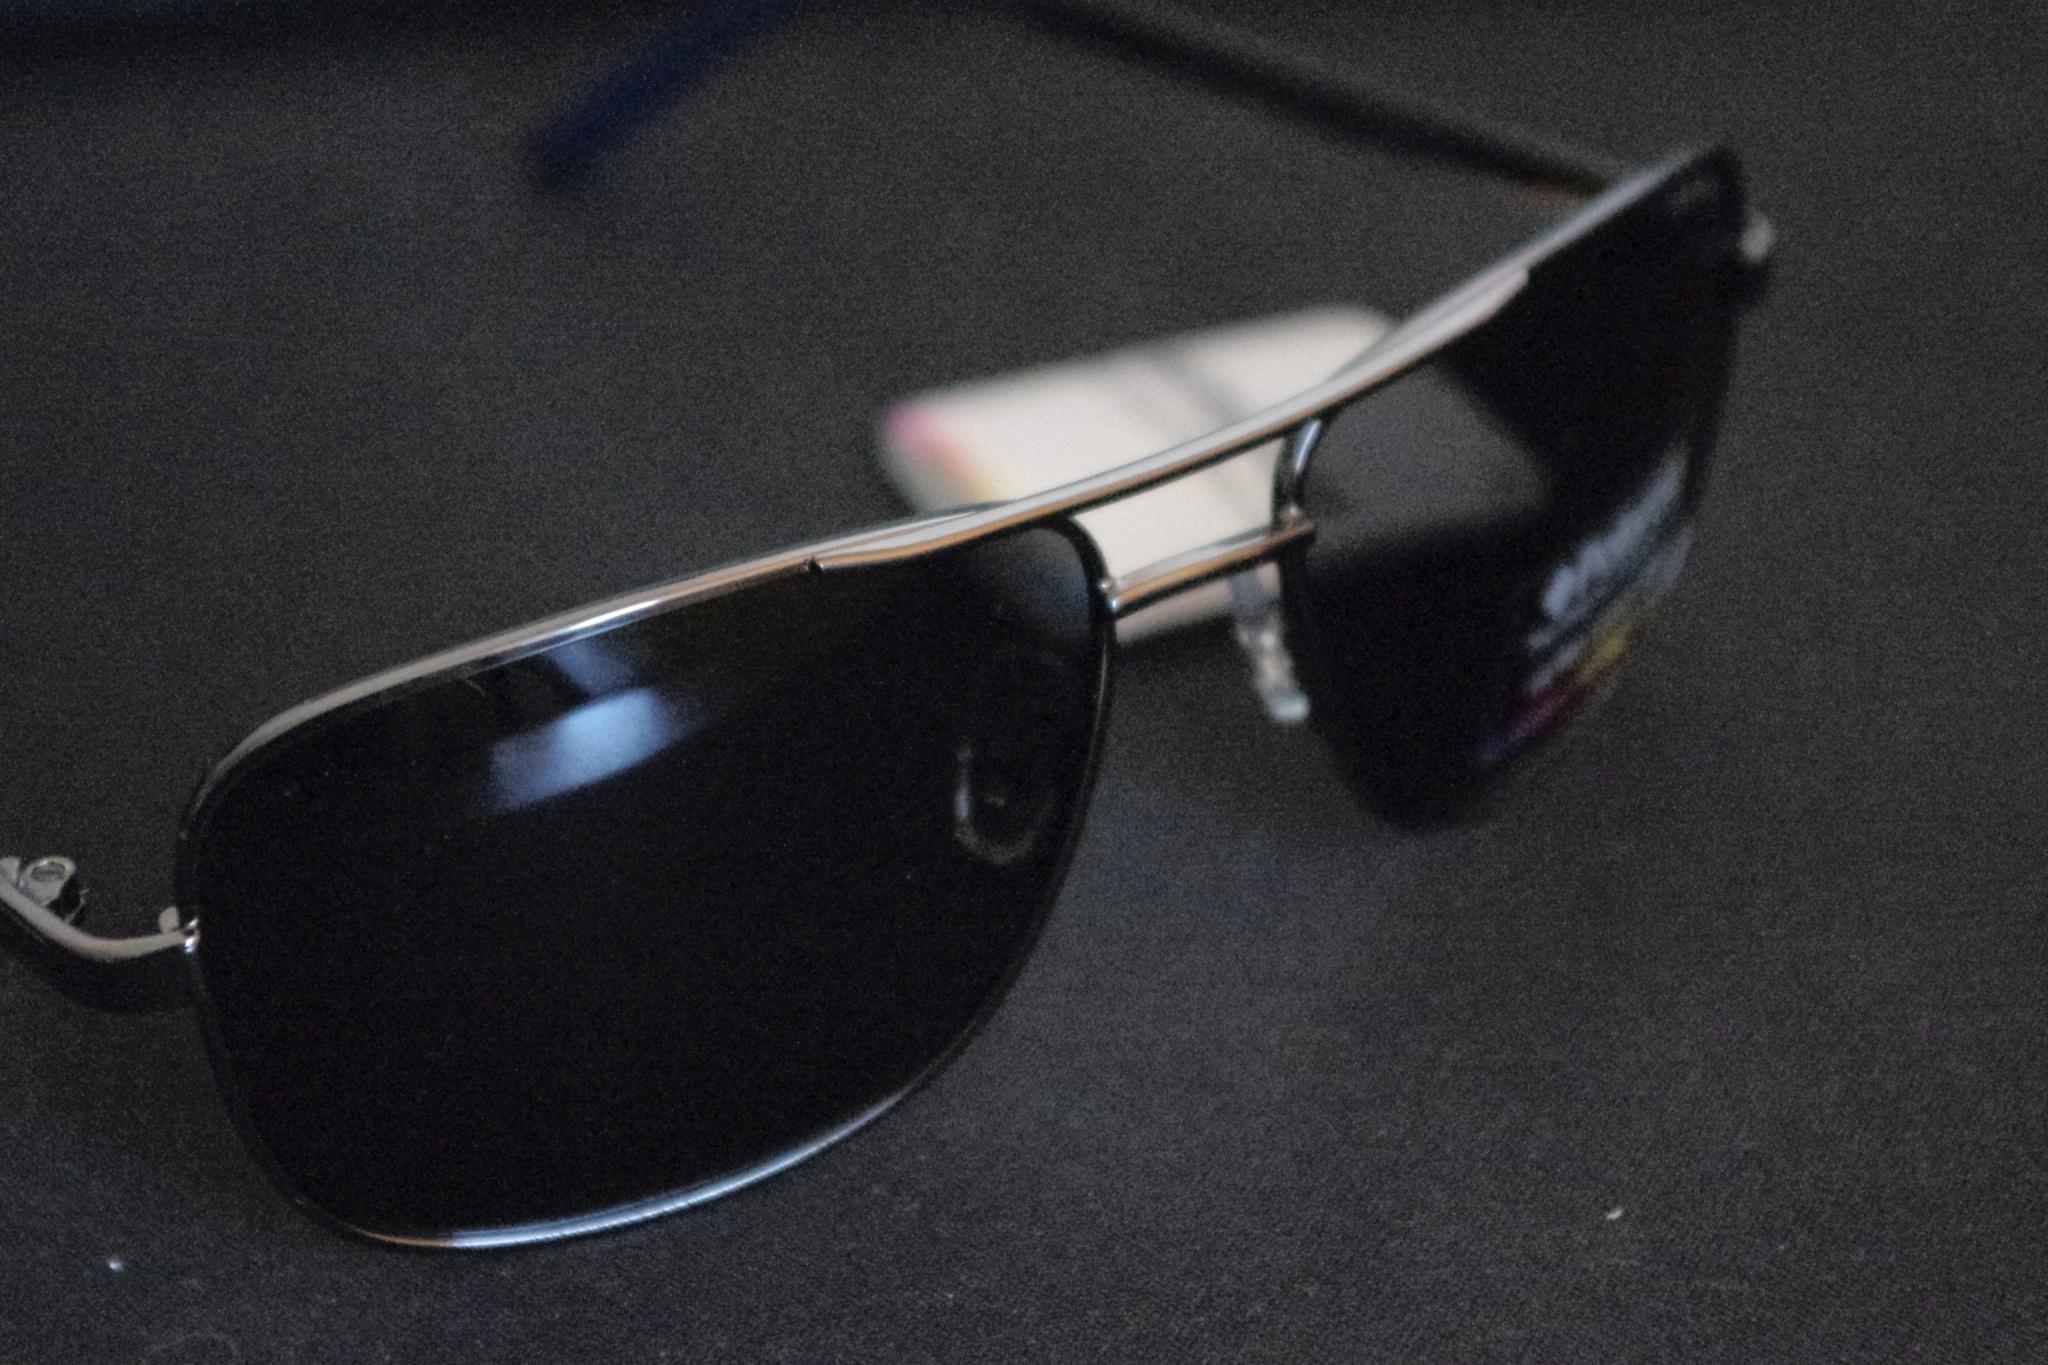 Купить glasses за копейки в красногорск куплю очки гуглес в новый уренгой